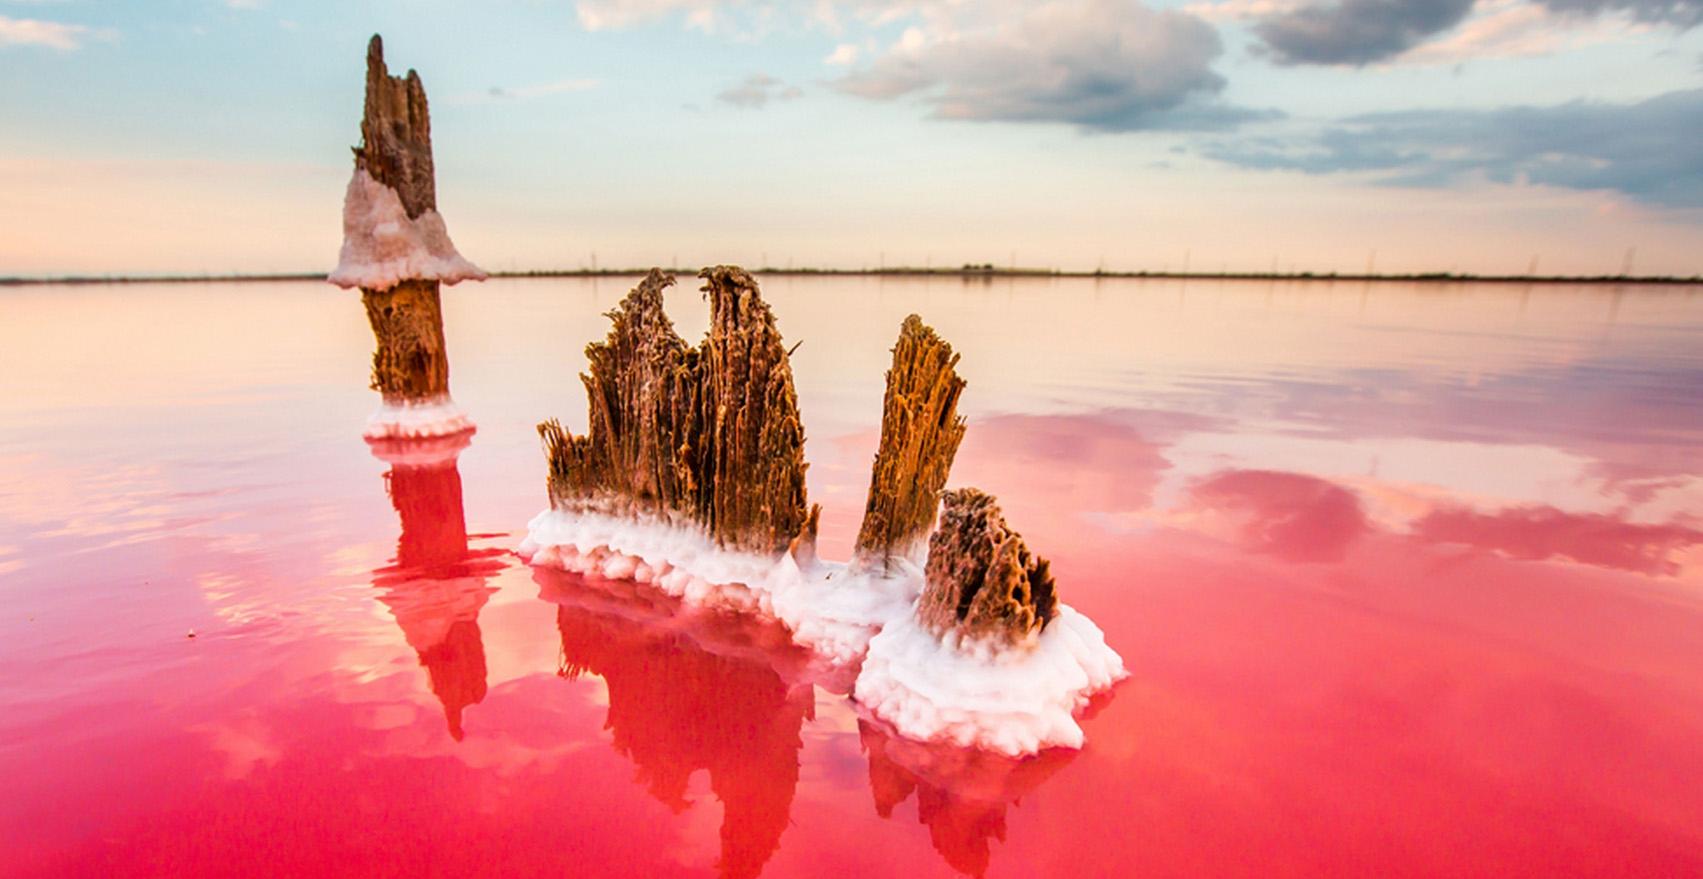 Озеро Сиваш – херсонский филиал Мертвого моря